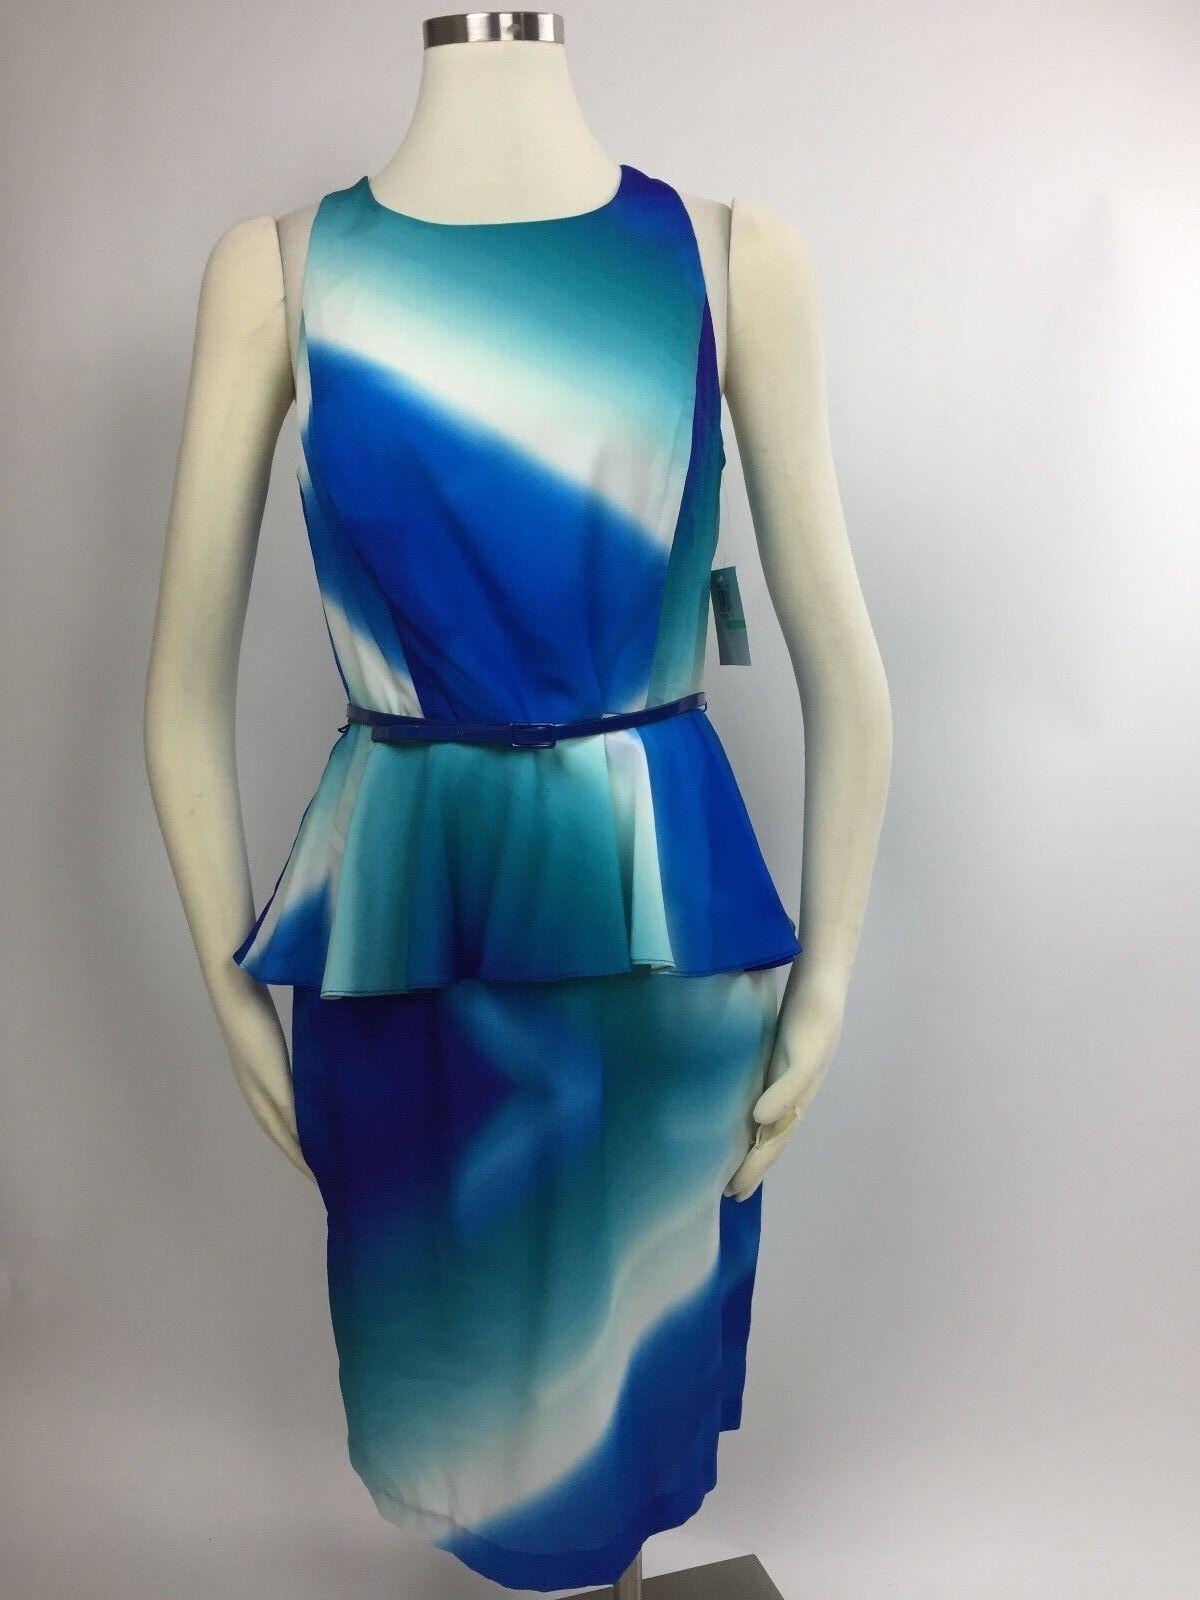 NEW women Morgan bluee Tie Dye Swirl Peplum Belted Sheath Dress 8